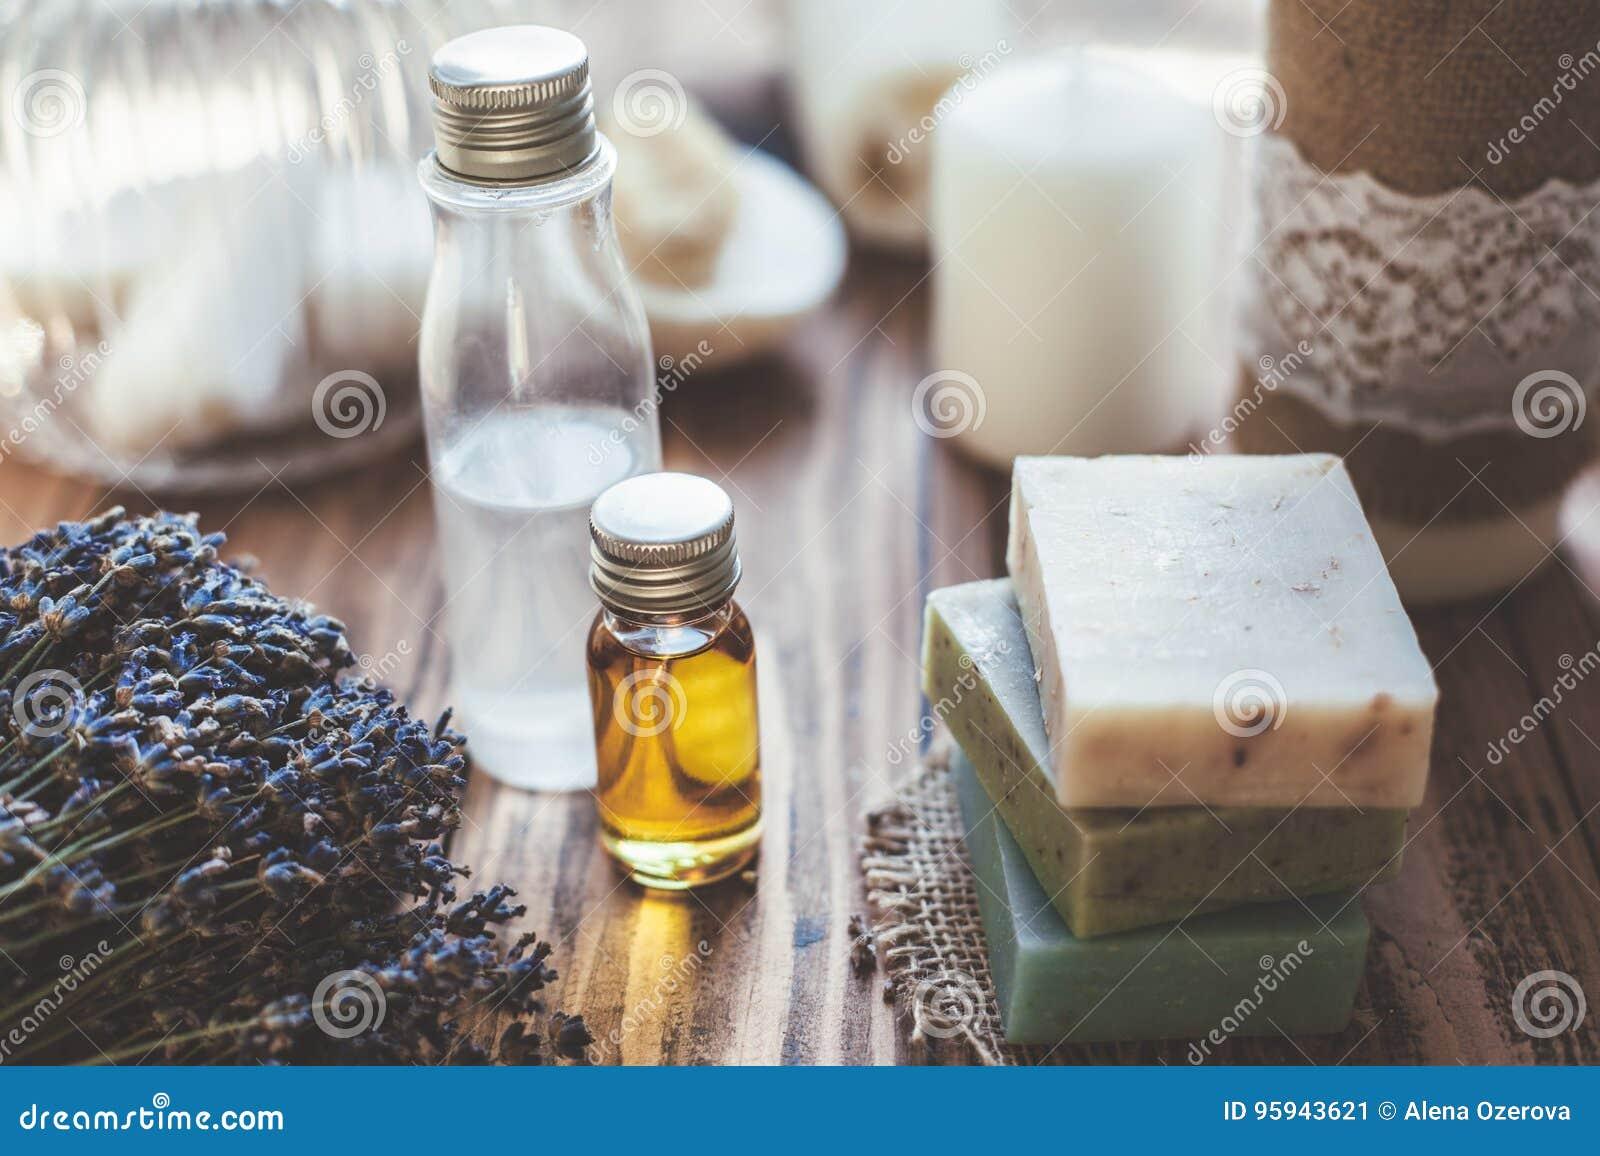 Cosmetiques Et Savon Faits Maison De Station Thermale Image Stock Image Du Savon Faits 95943621